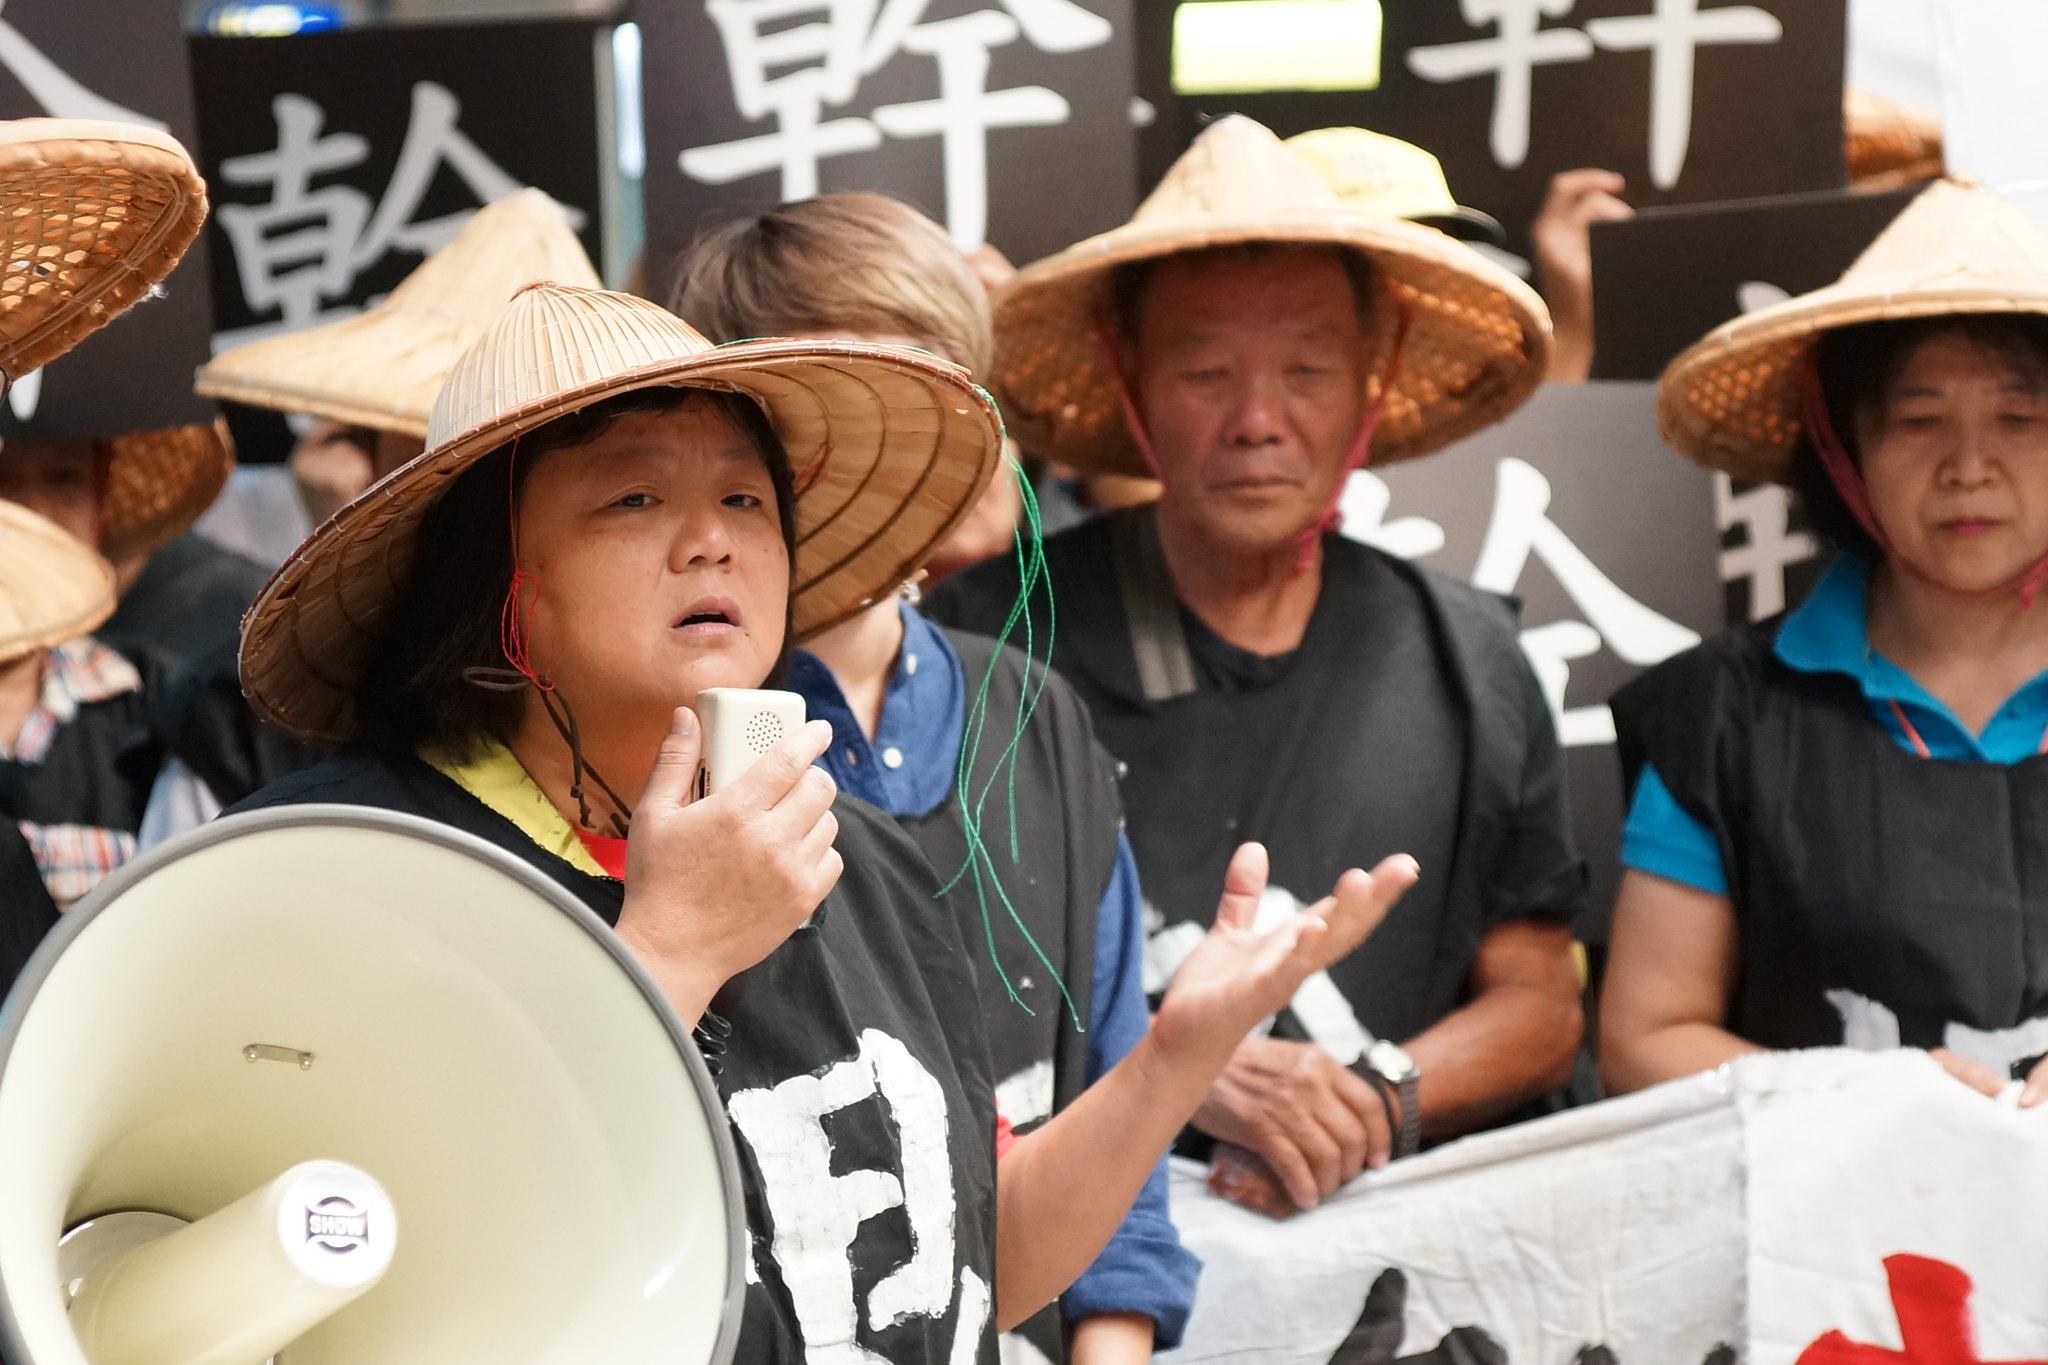 東菱電子自救會副會長陳奕安高呼當年抗爭口號:「工人沒人疼,只有自己拚。」(攝影:王顥中)